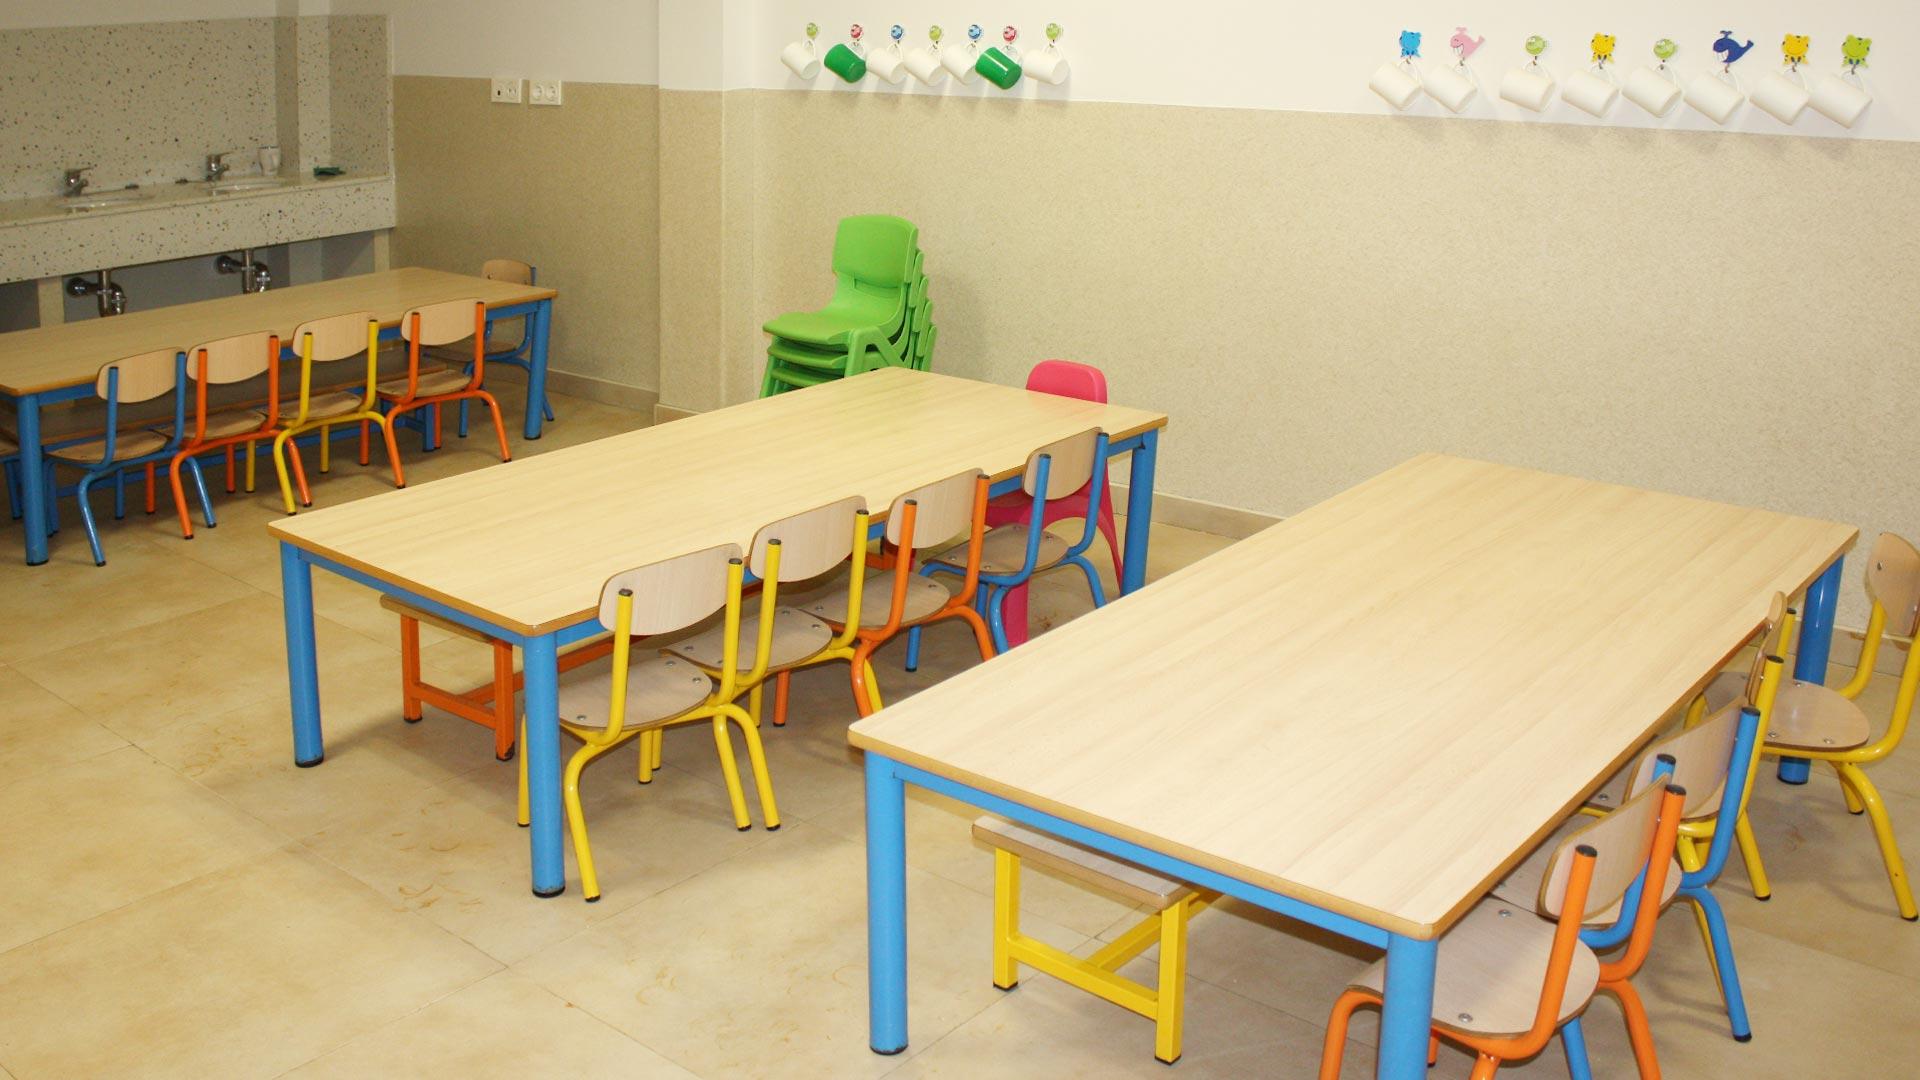 Comedor - Imagen de galería del Centro de Educación Infantil Gibralfaro